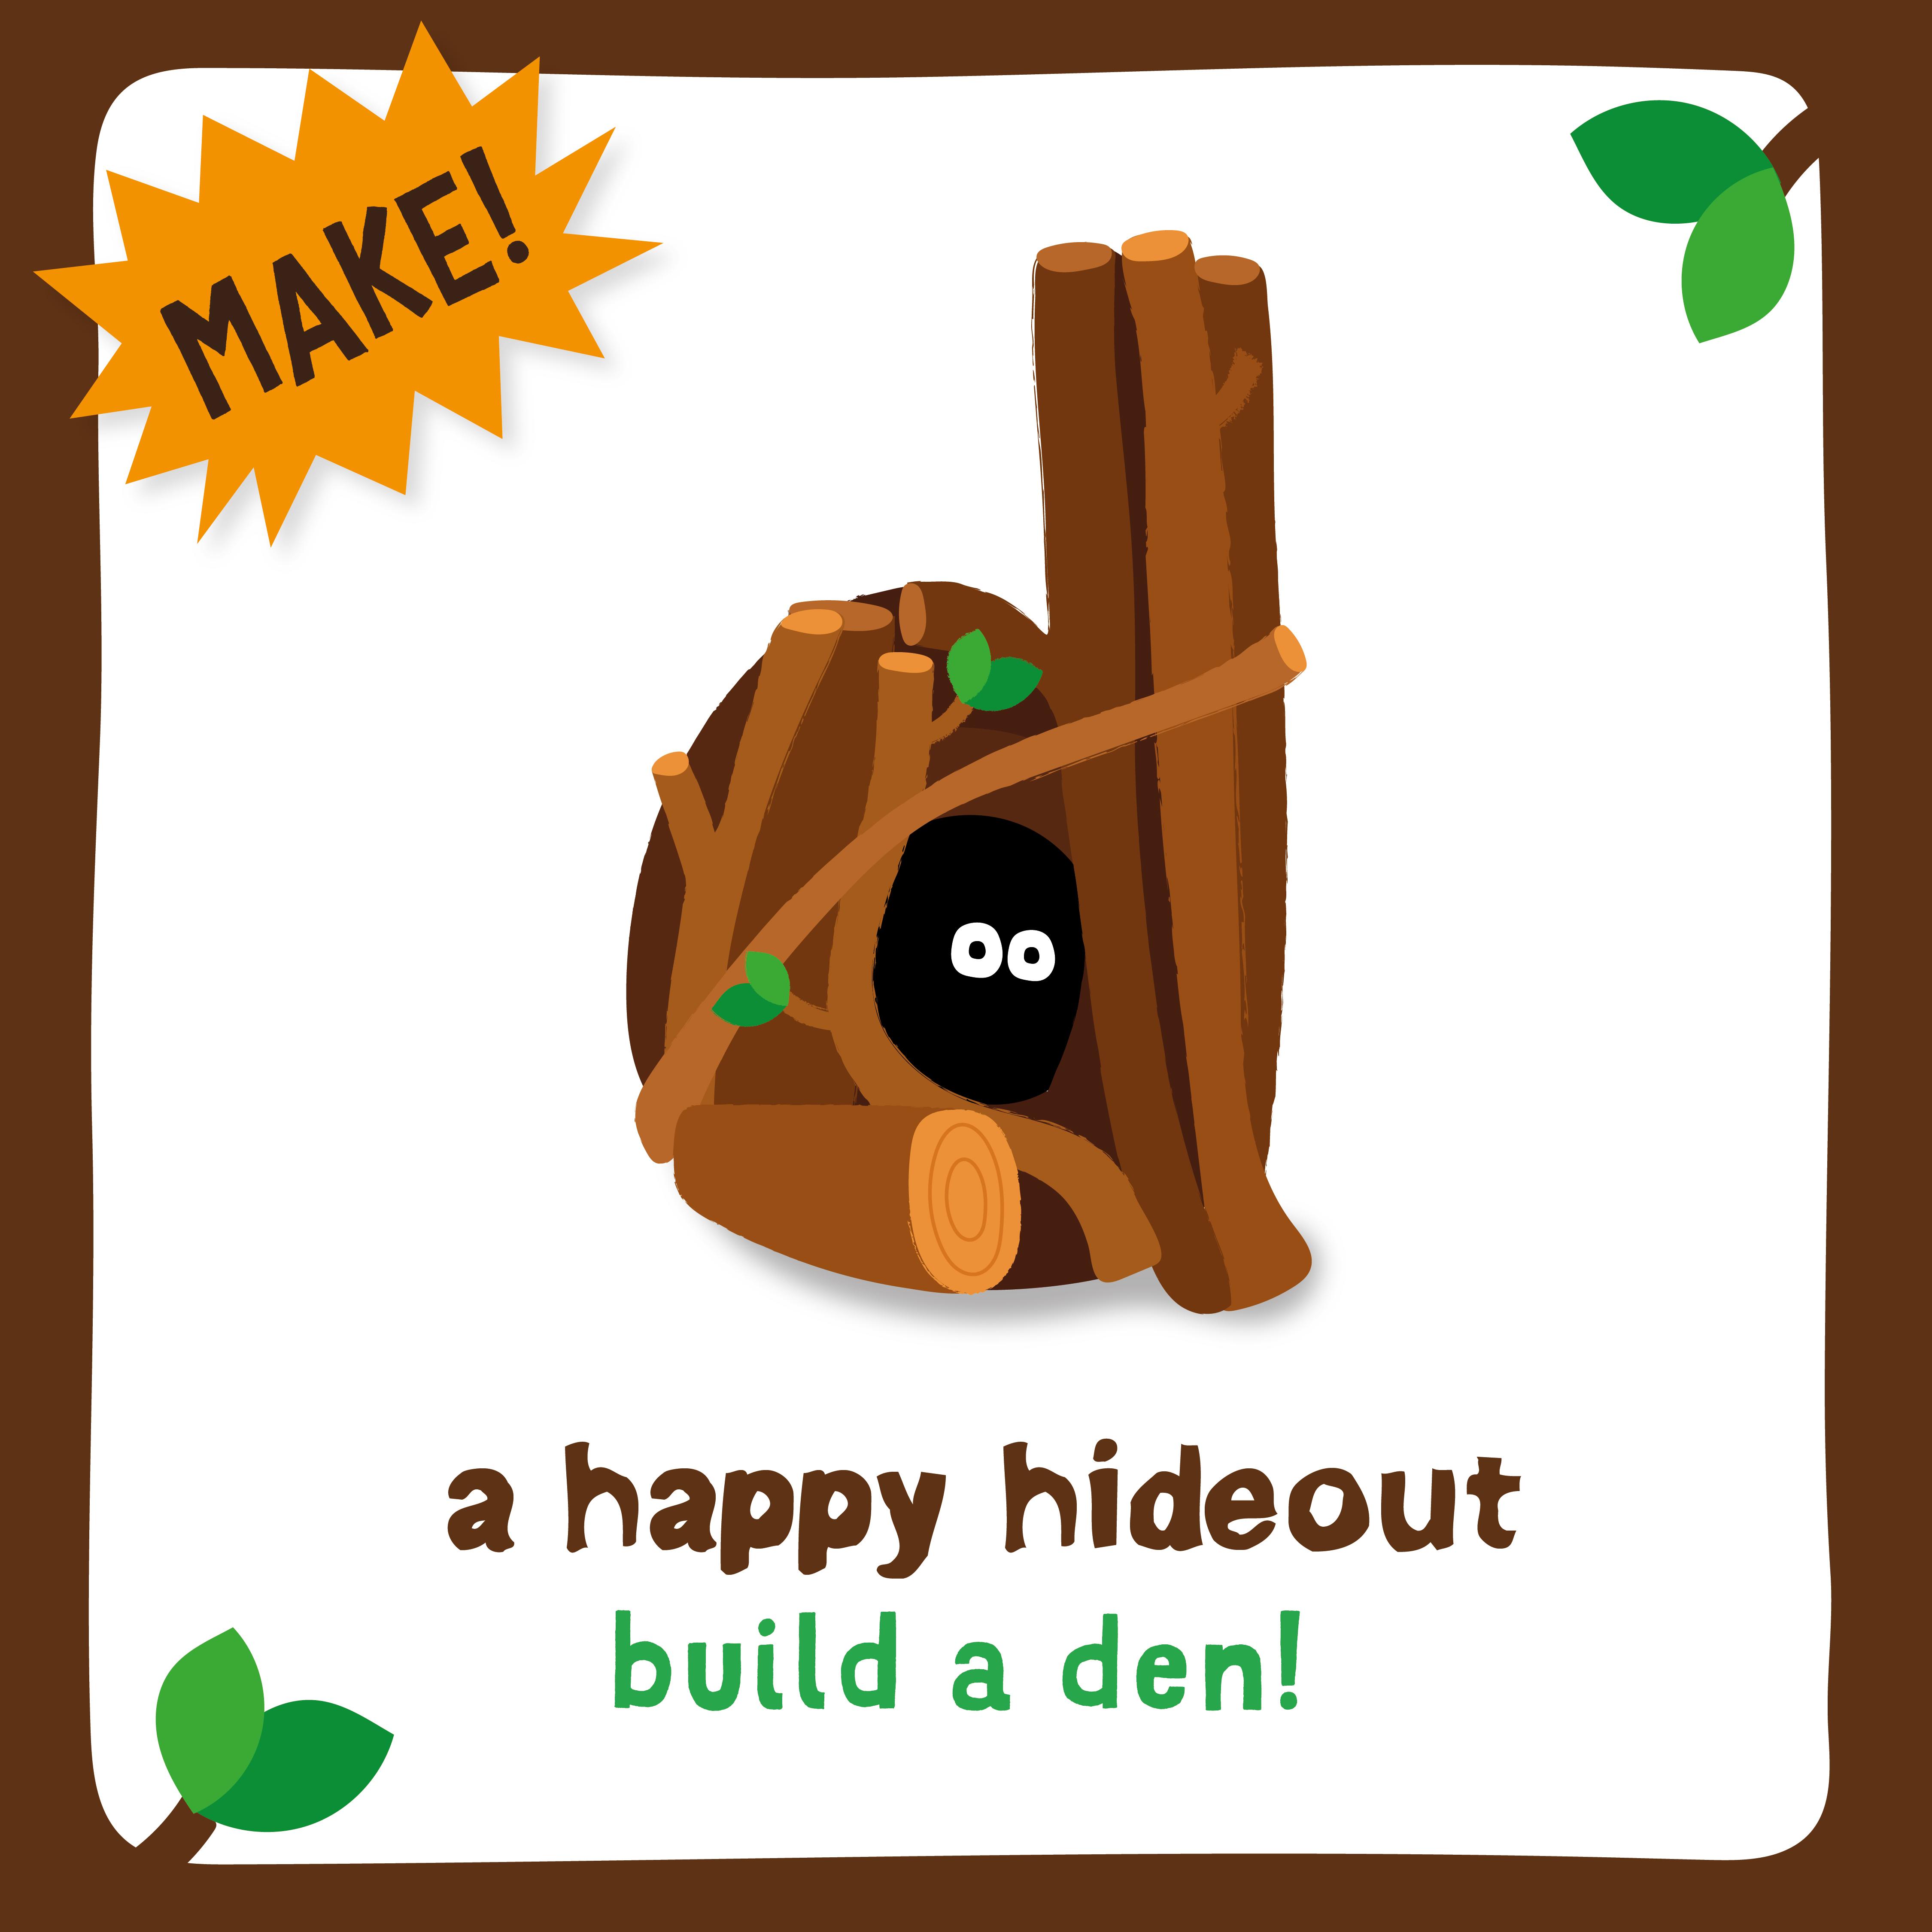 Build a BEAR den activity all in your own garden